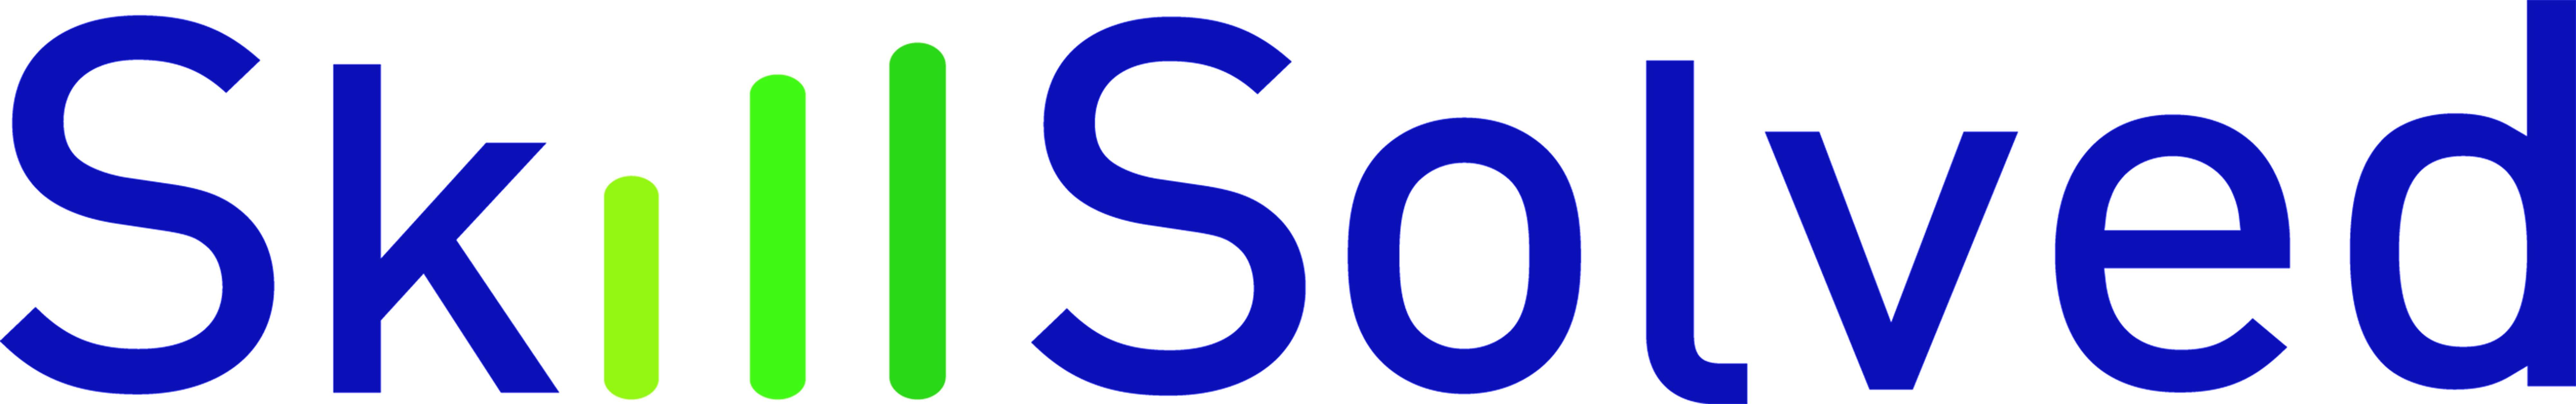 BrandSolved logo